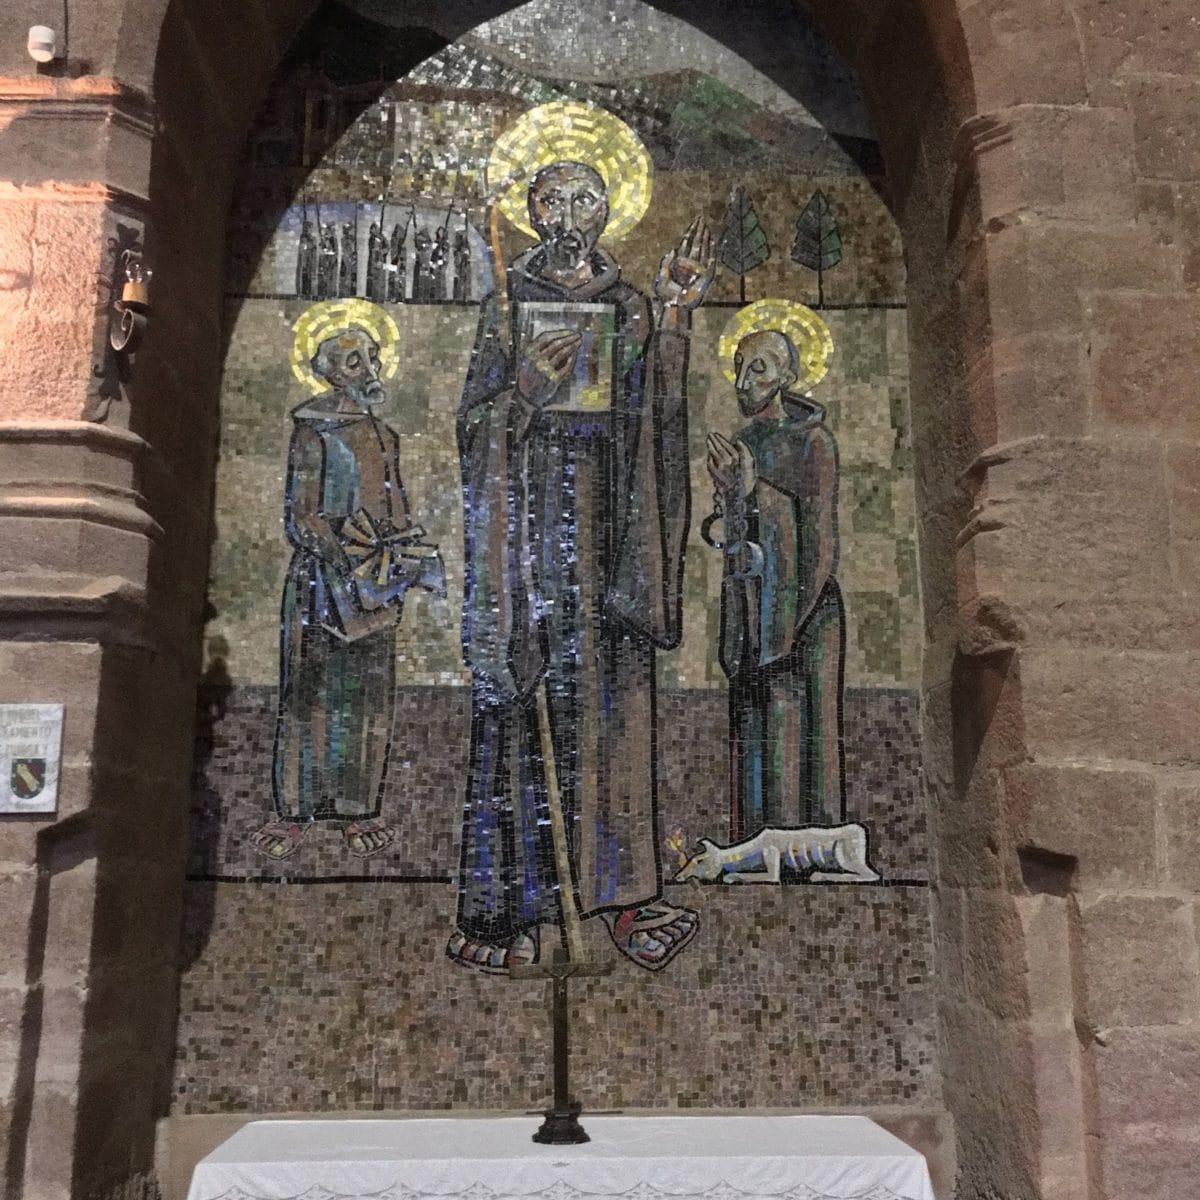 Un recorrido por el Monasterio de Valvanera, sus orígenes y su entorno 3